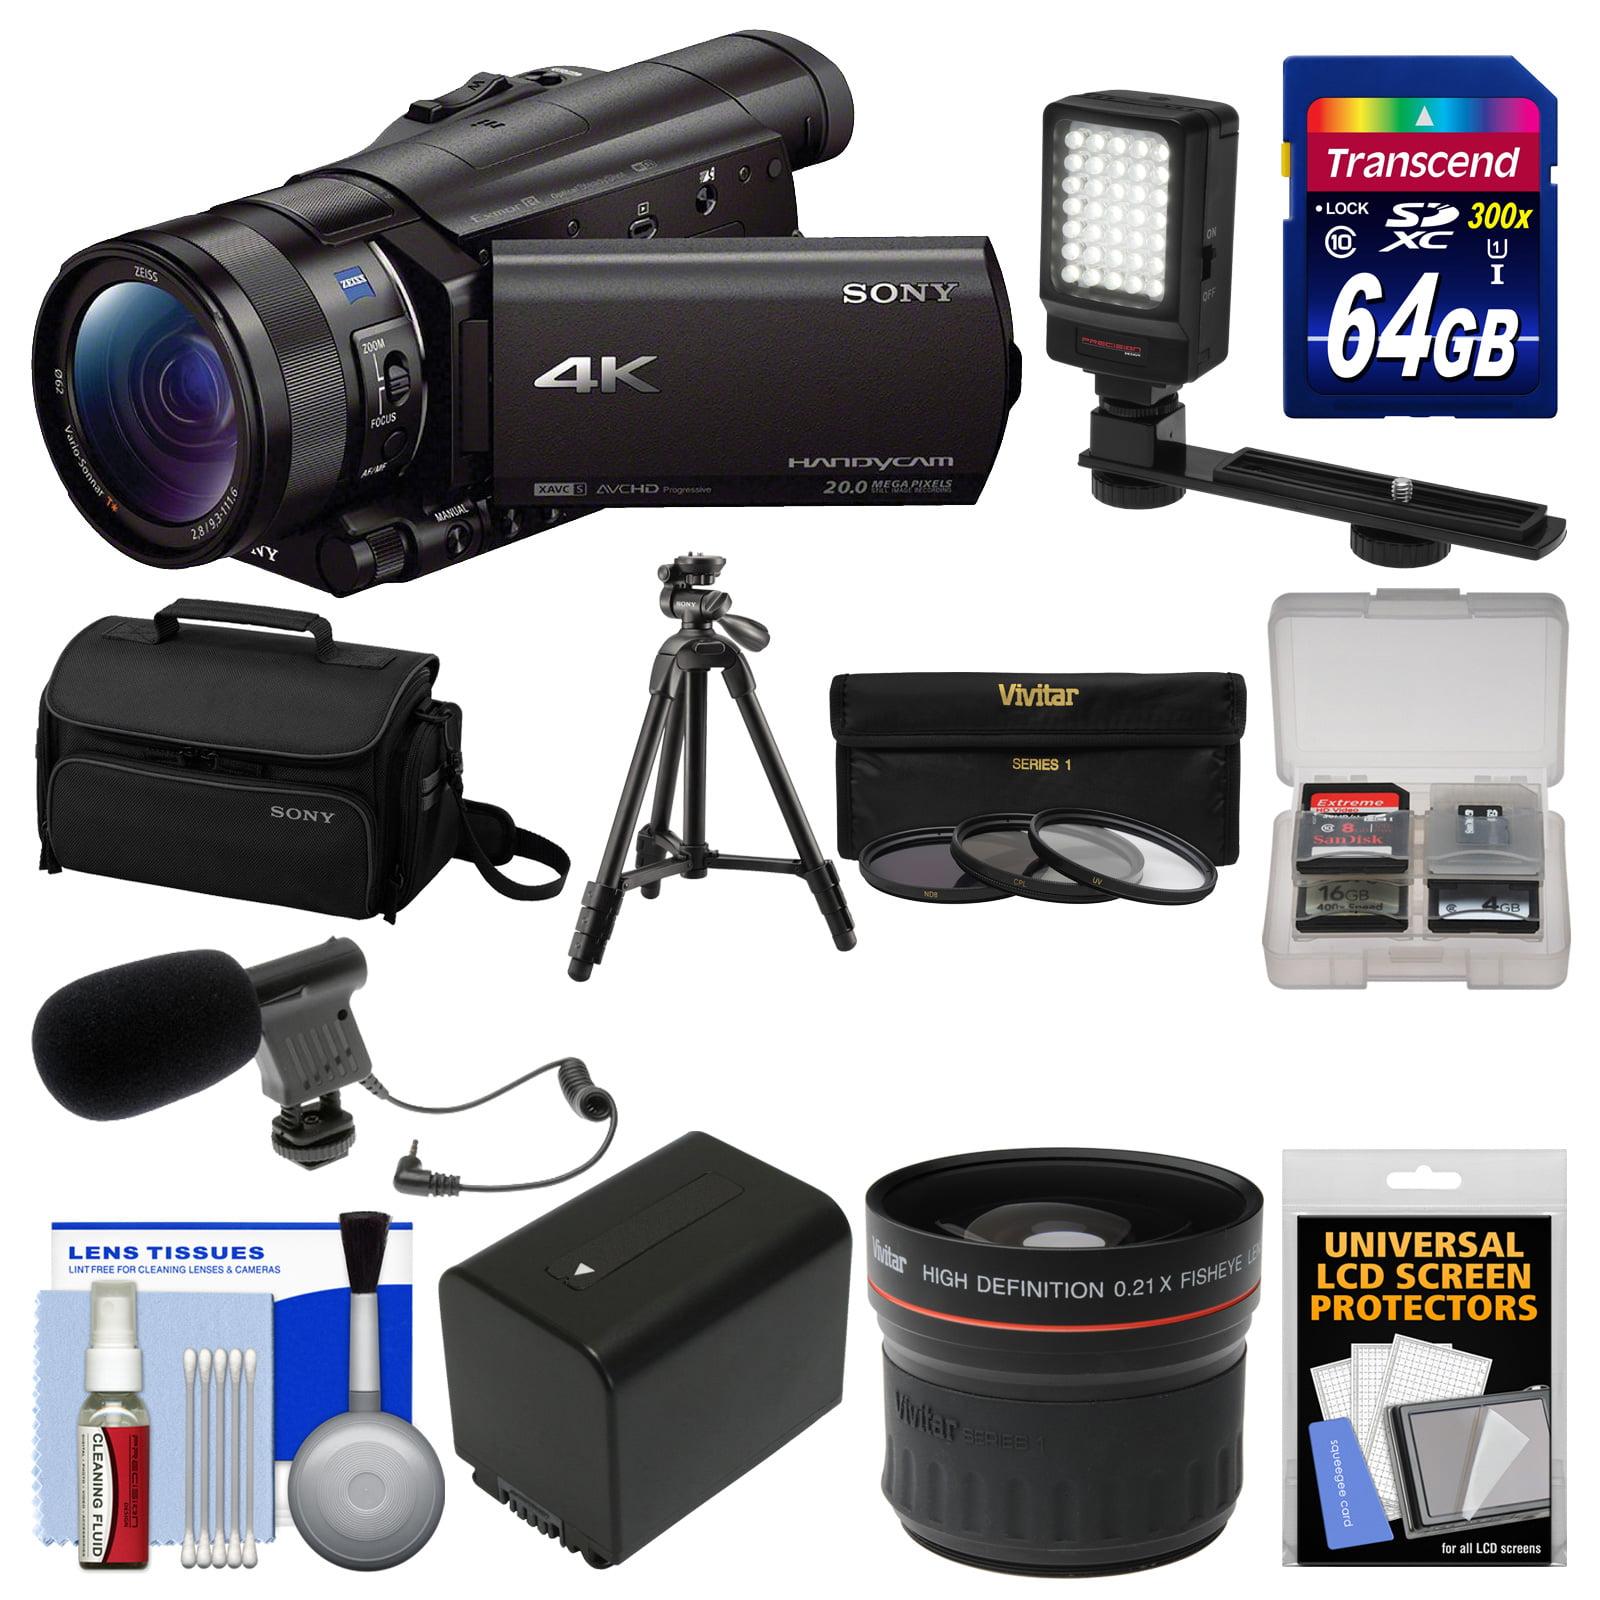 Camara Fotografica Compacta  Sony Handycam FDR-AX100 Wi-Fi 4K HD videocámara con tarjeta de 64GB + funda + luz LED + batería + micro + trípode + lente ojo de pez + Kit + Sony en Veo y Compro